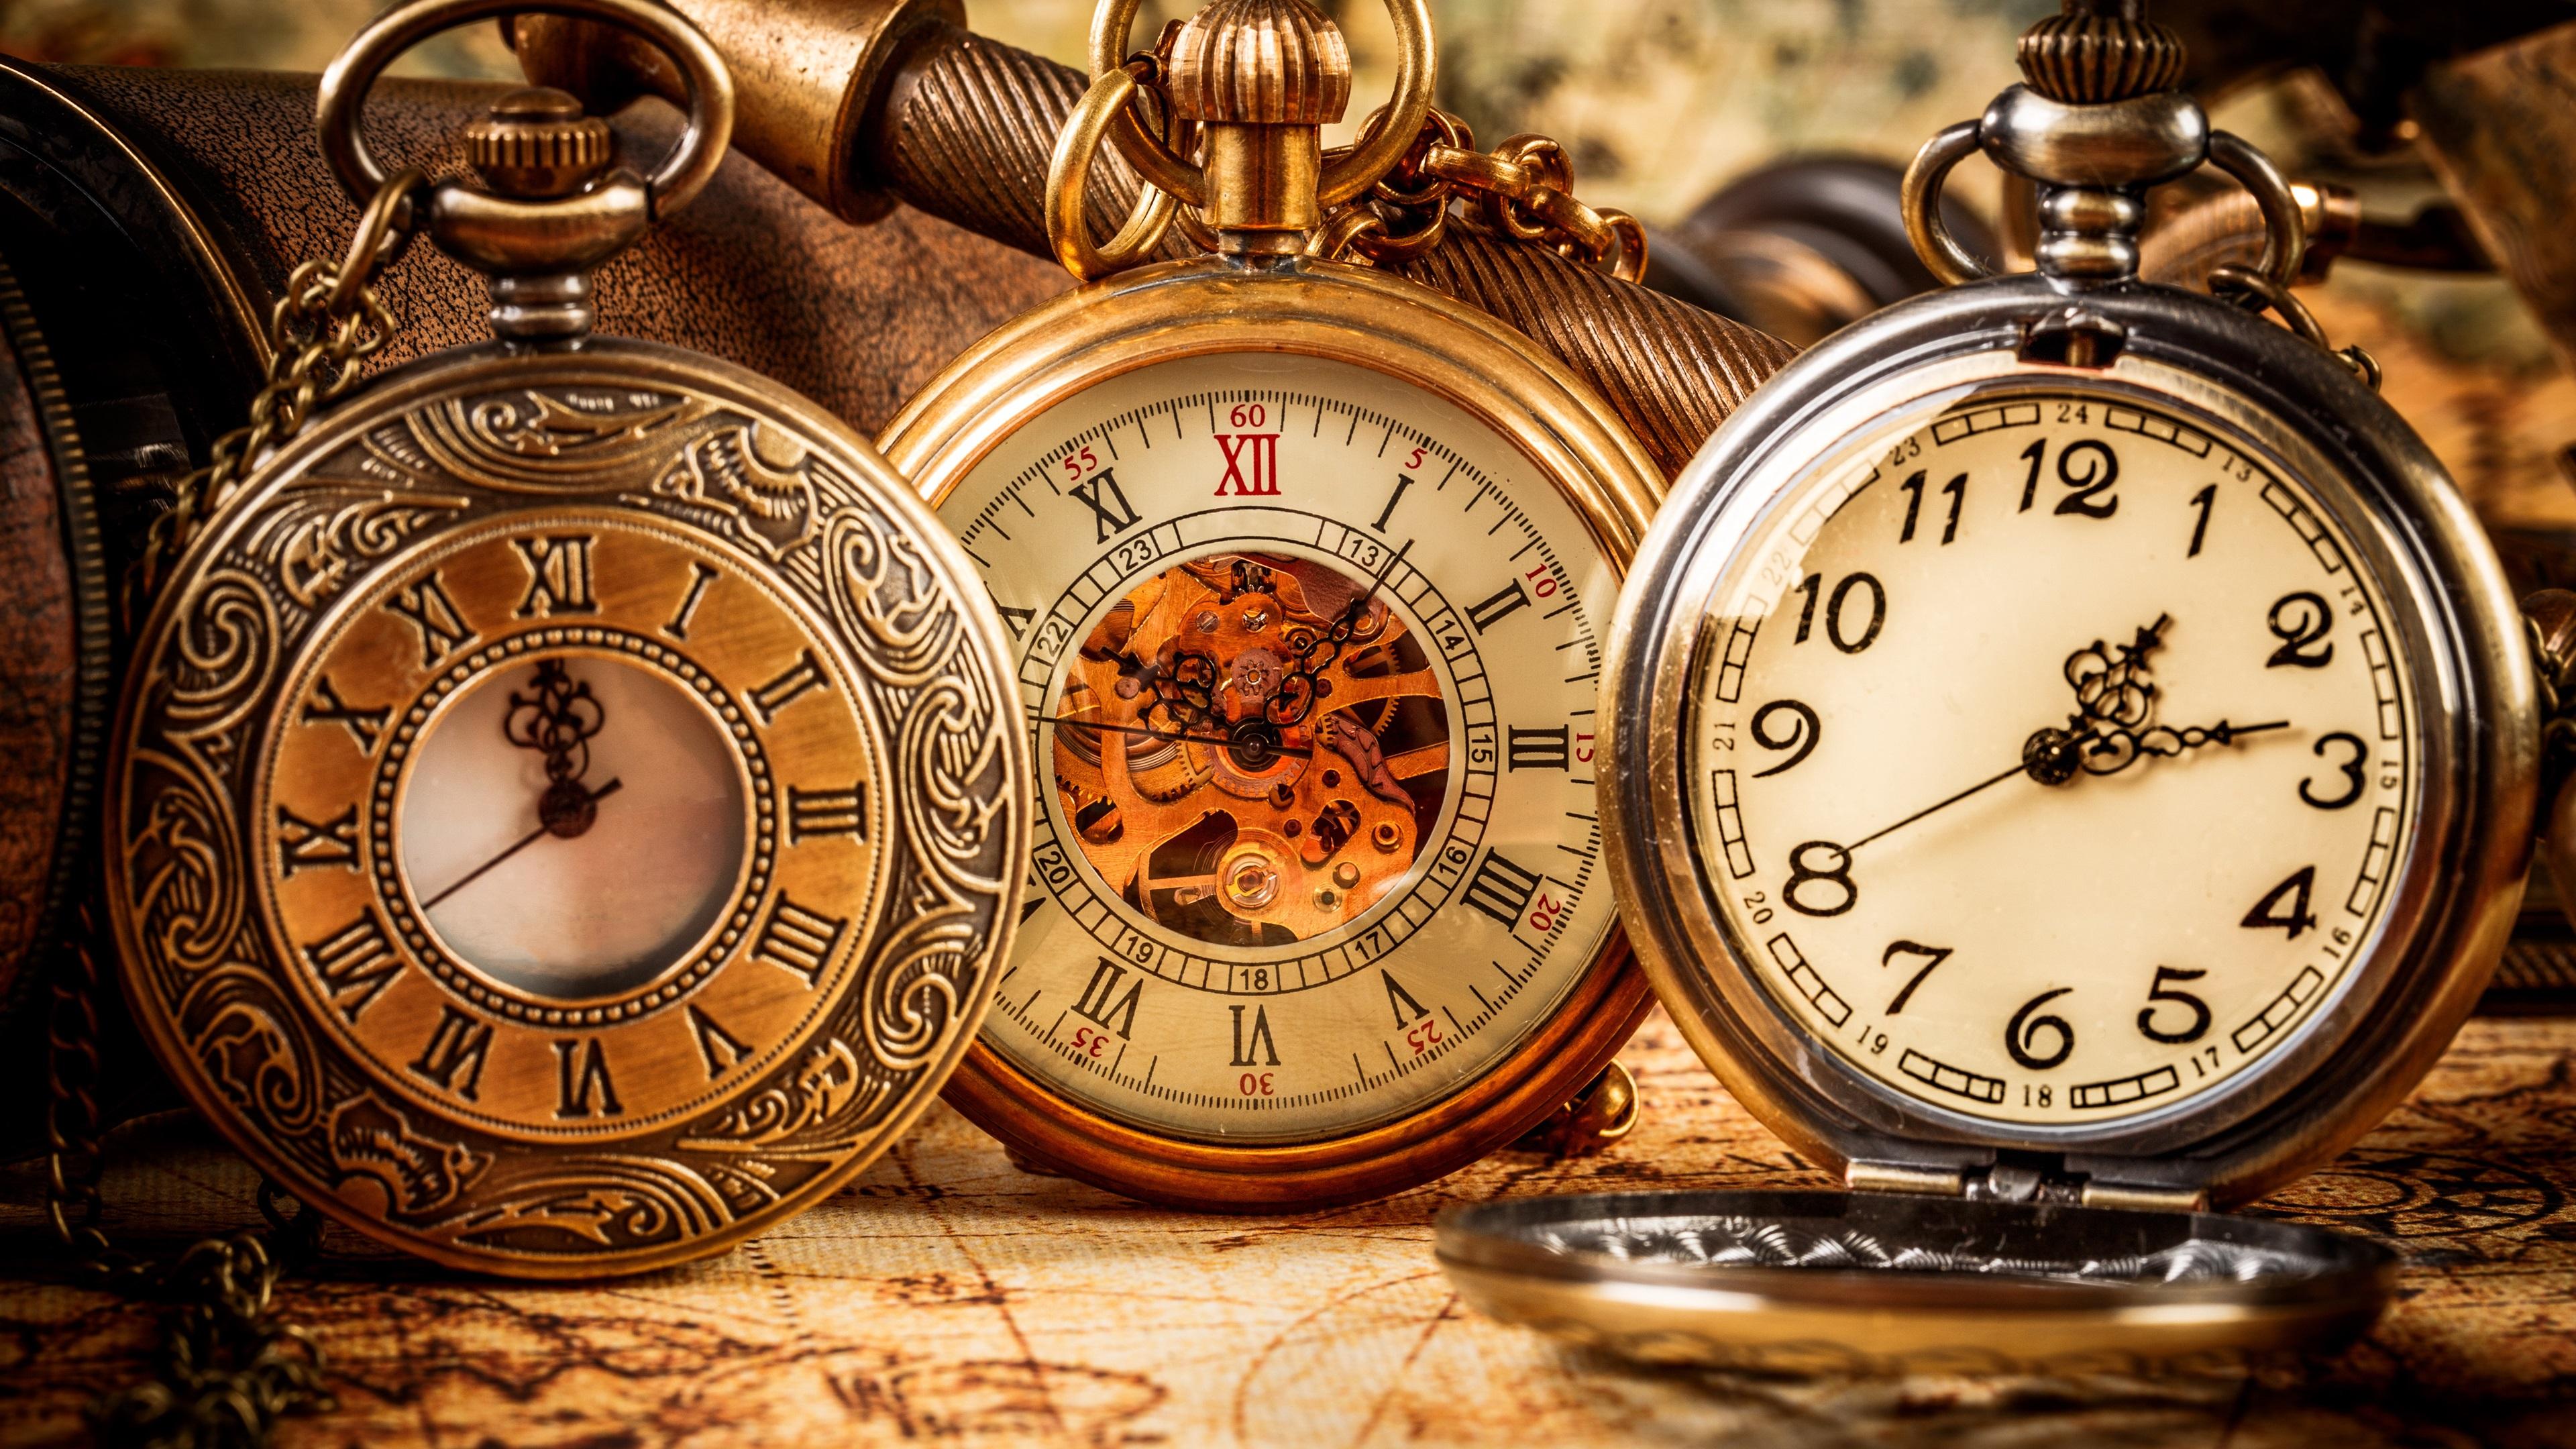 Resultado de imagem para relógio de bolso bonito